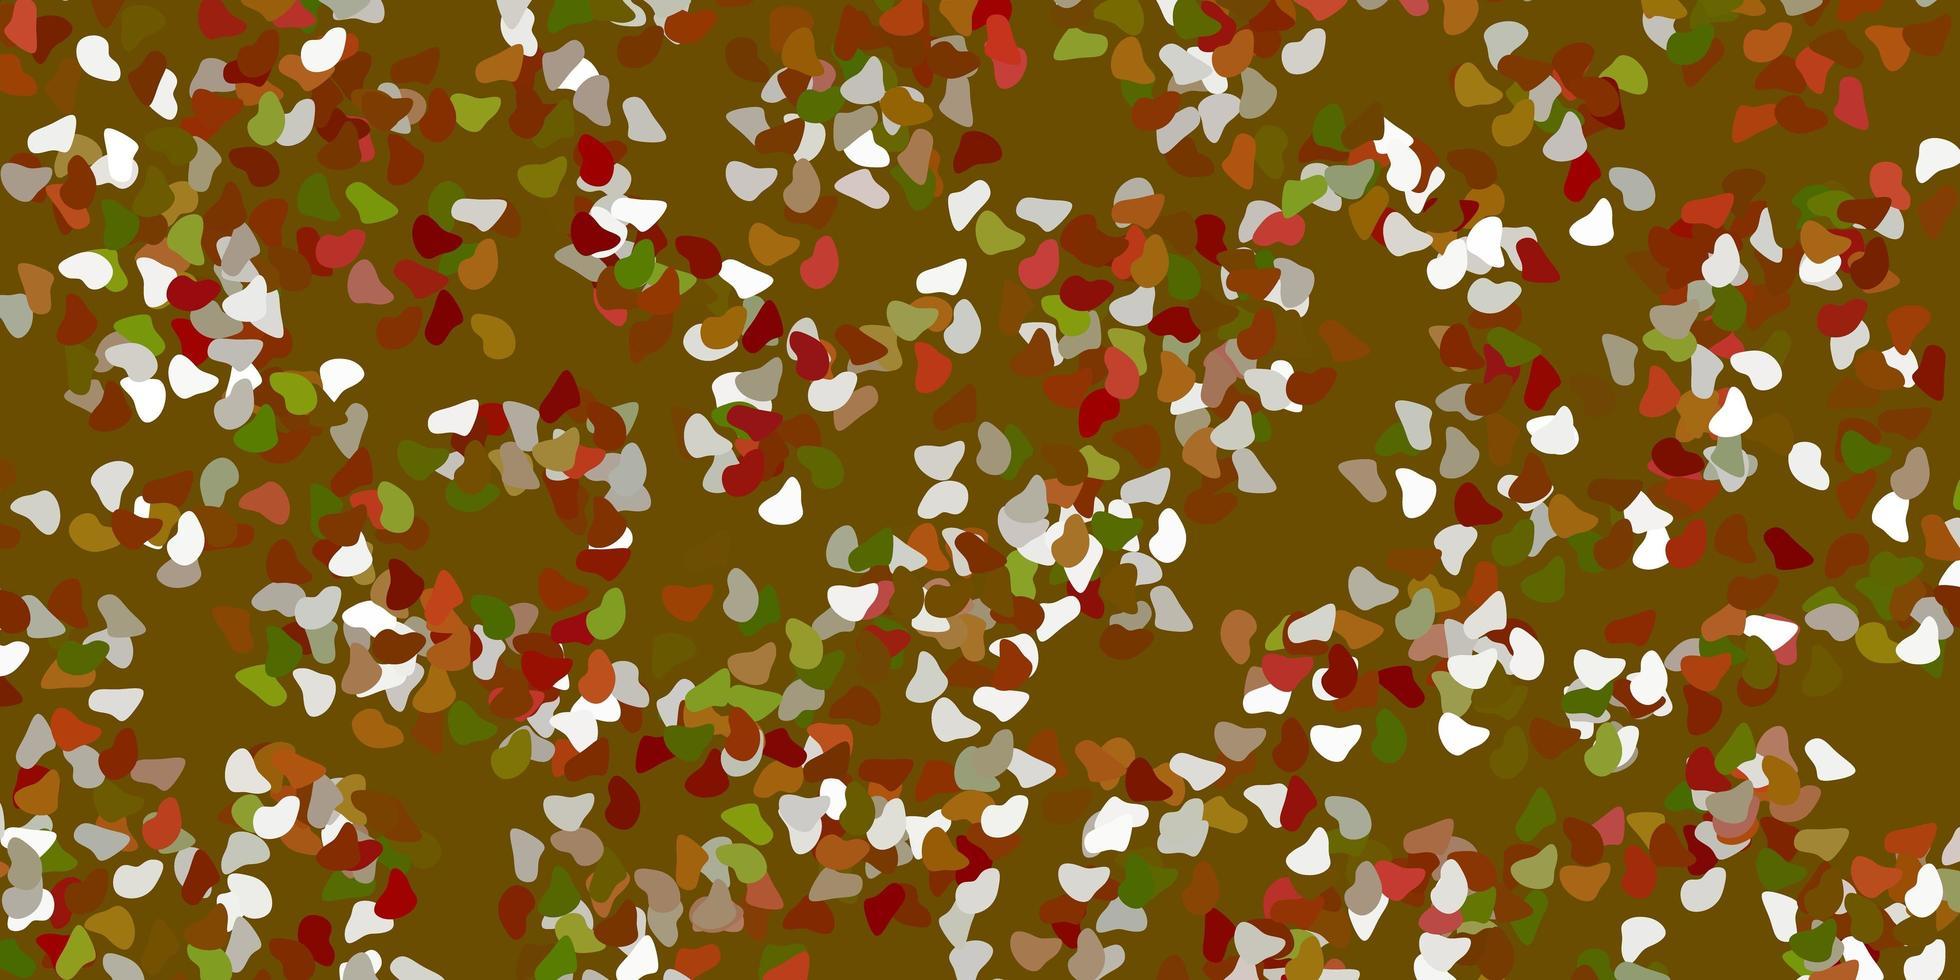 lichtgroen, geel vectormalplaatje met abstracte vormen. vector